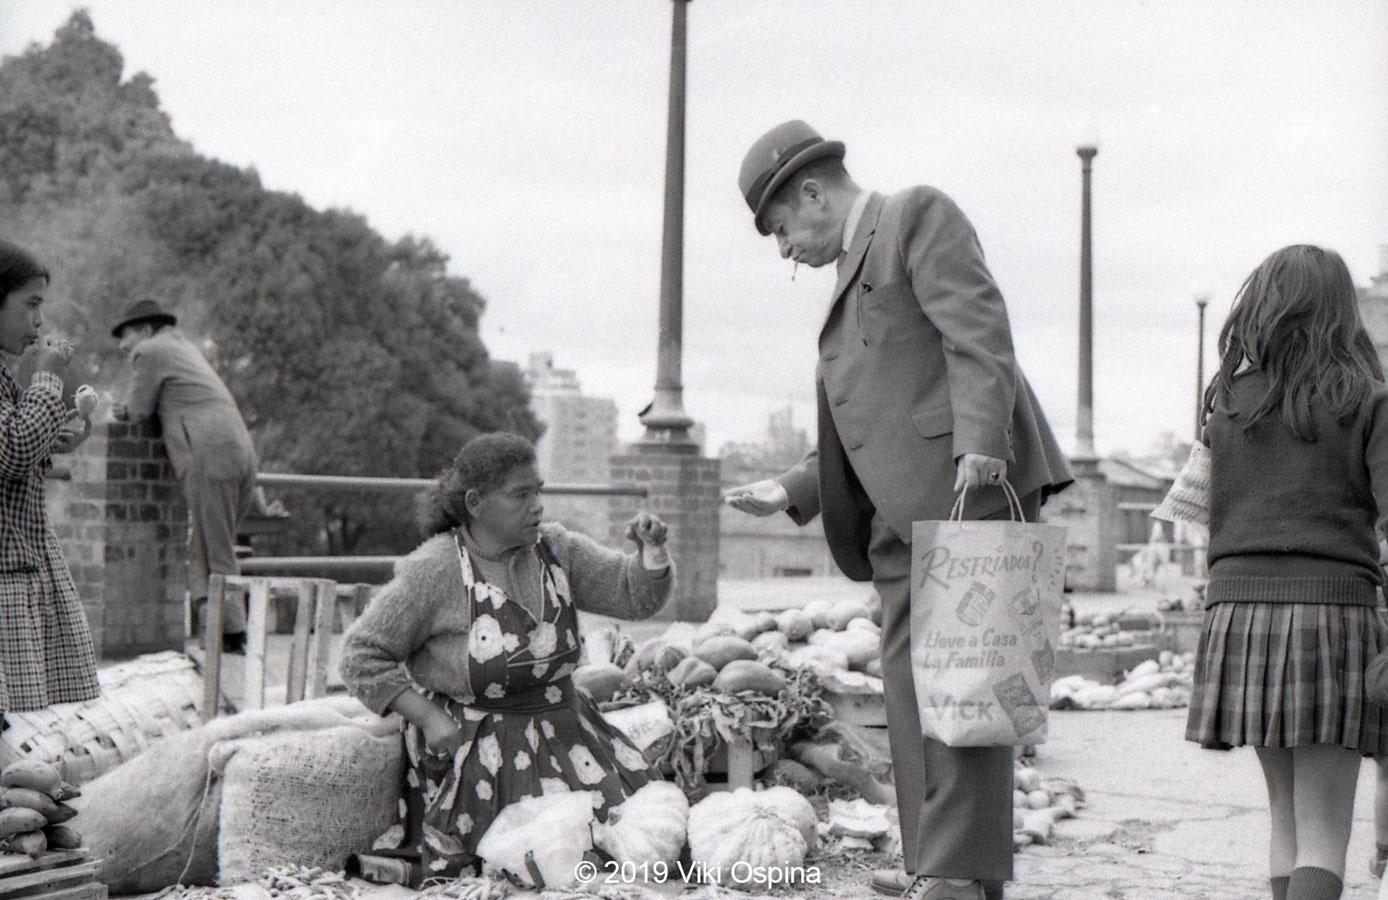 Fotografía de una vendedora campesina a blanco y negro